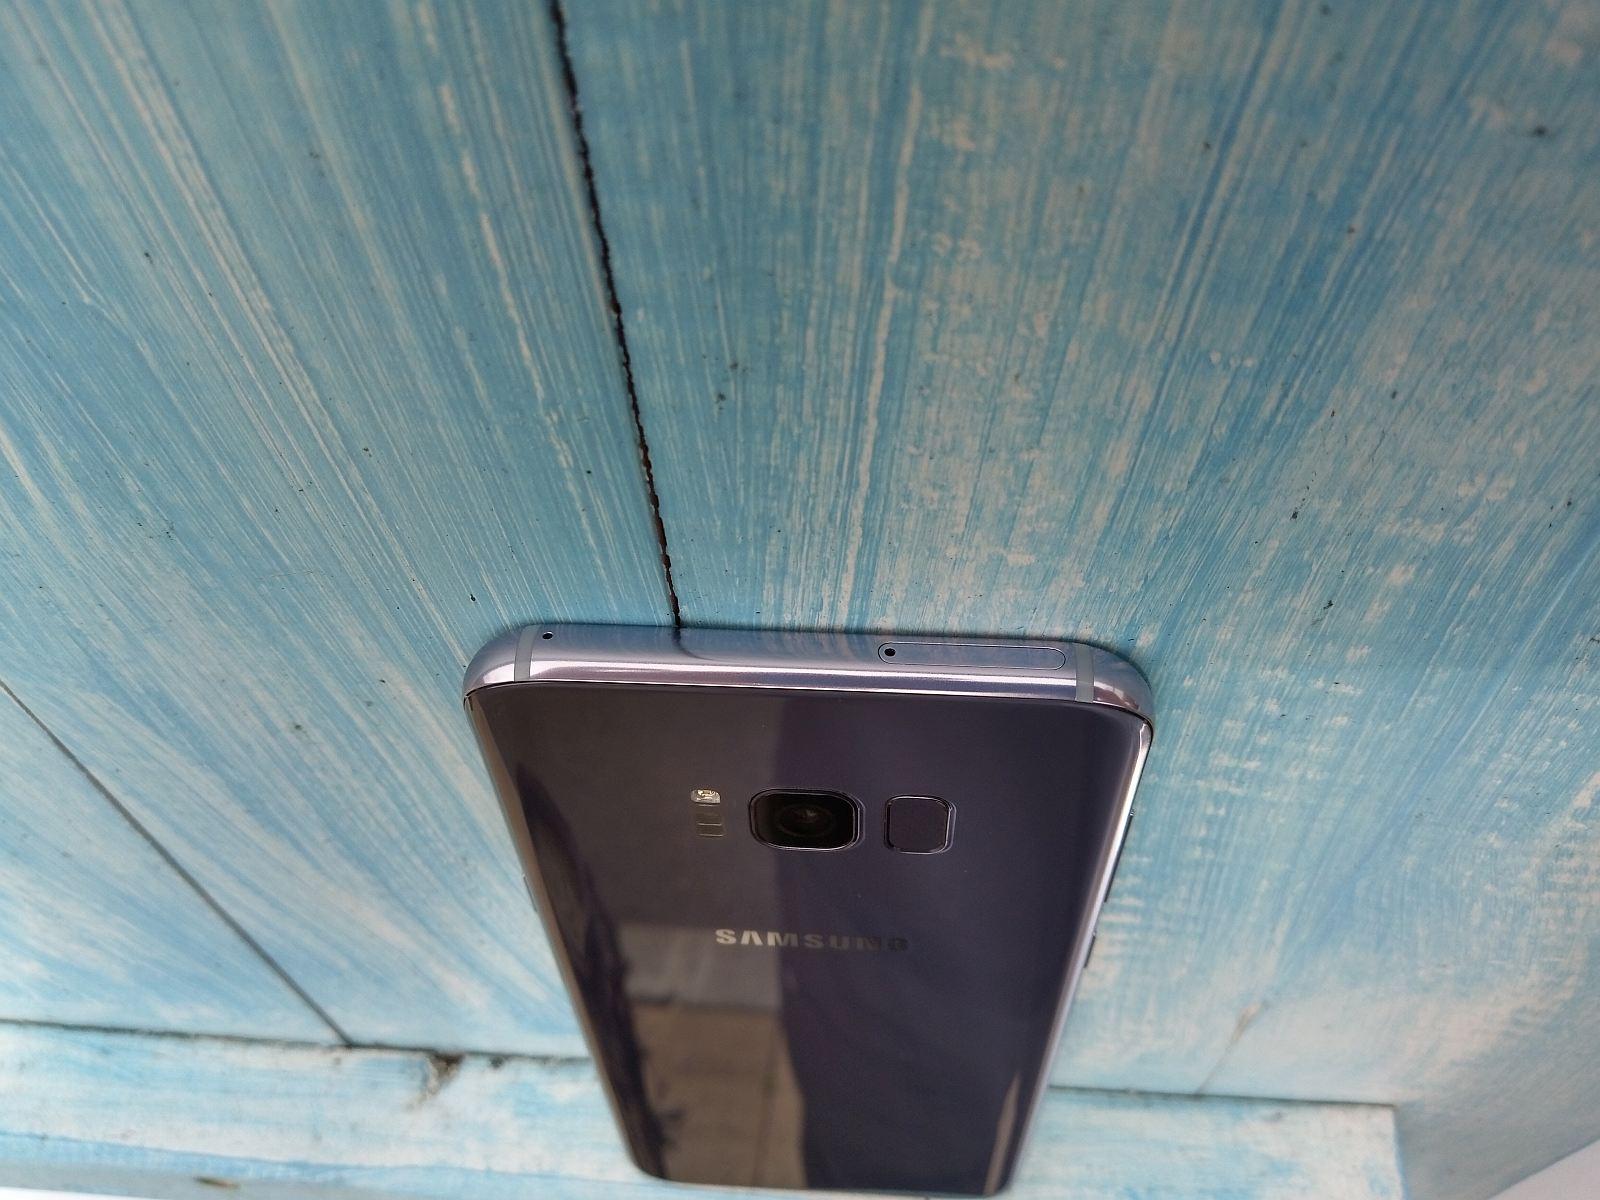 Samsung Galaxy S8 13